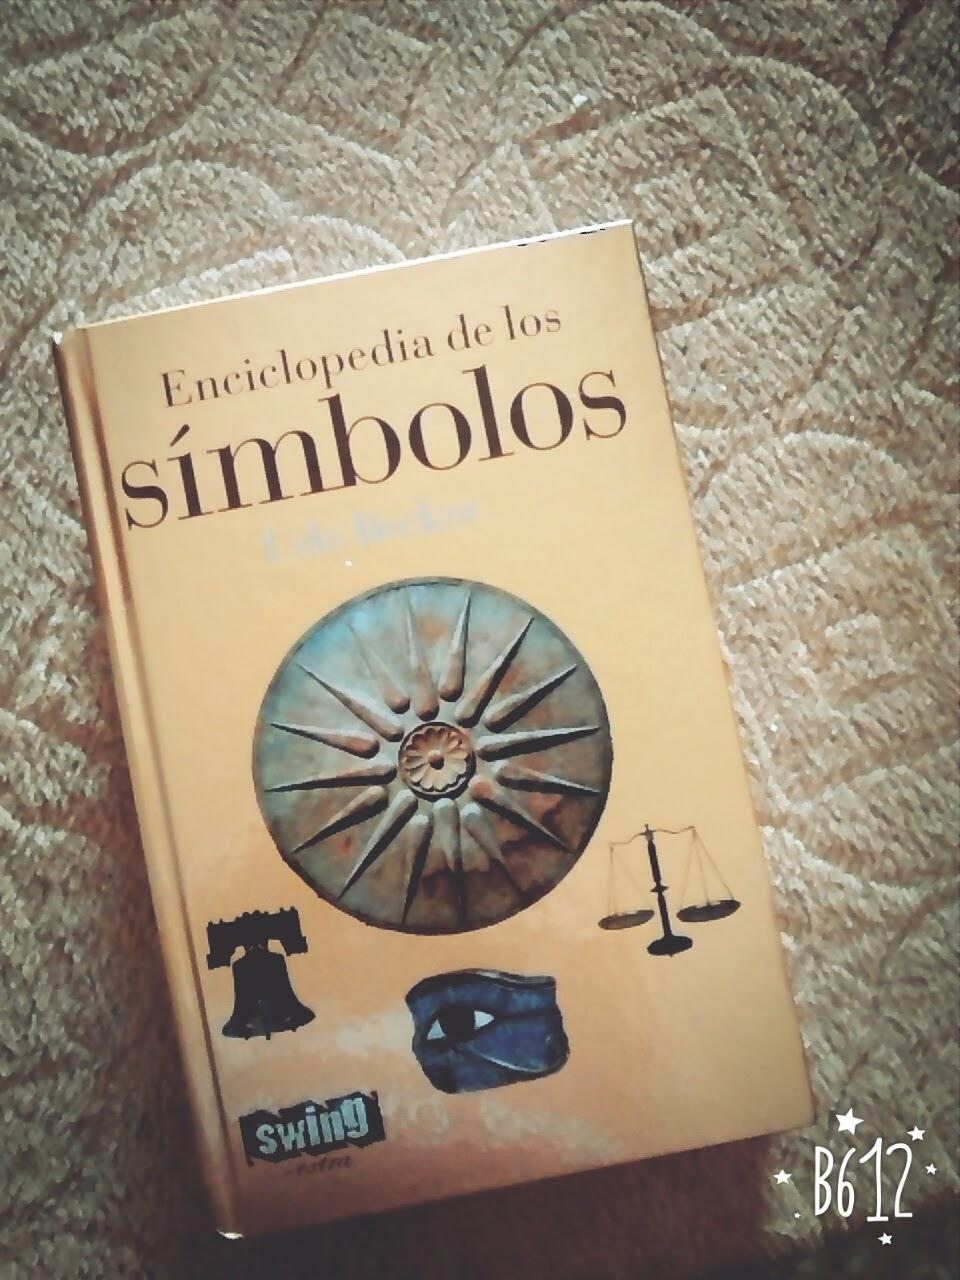 Enciclopedia de los simbolos udo becker